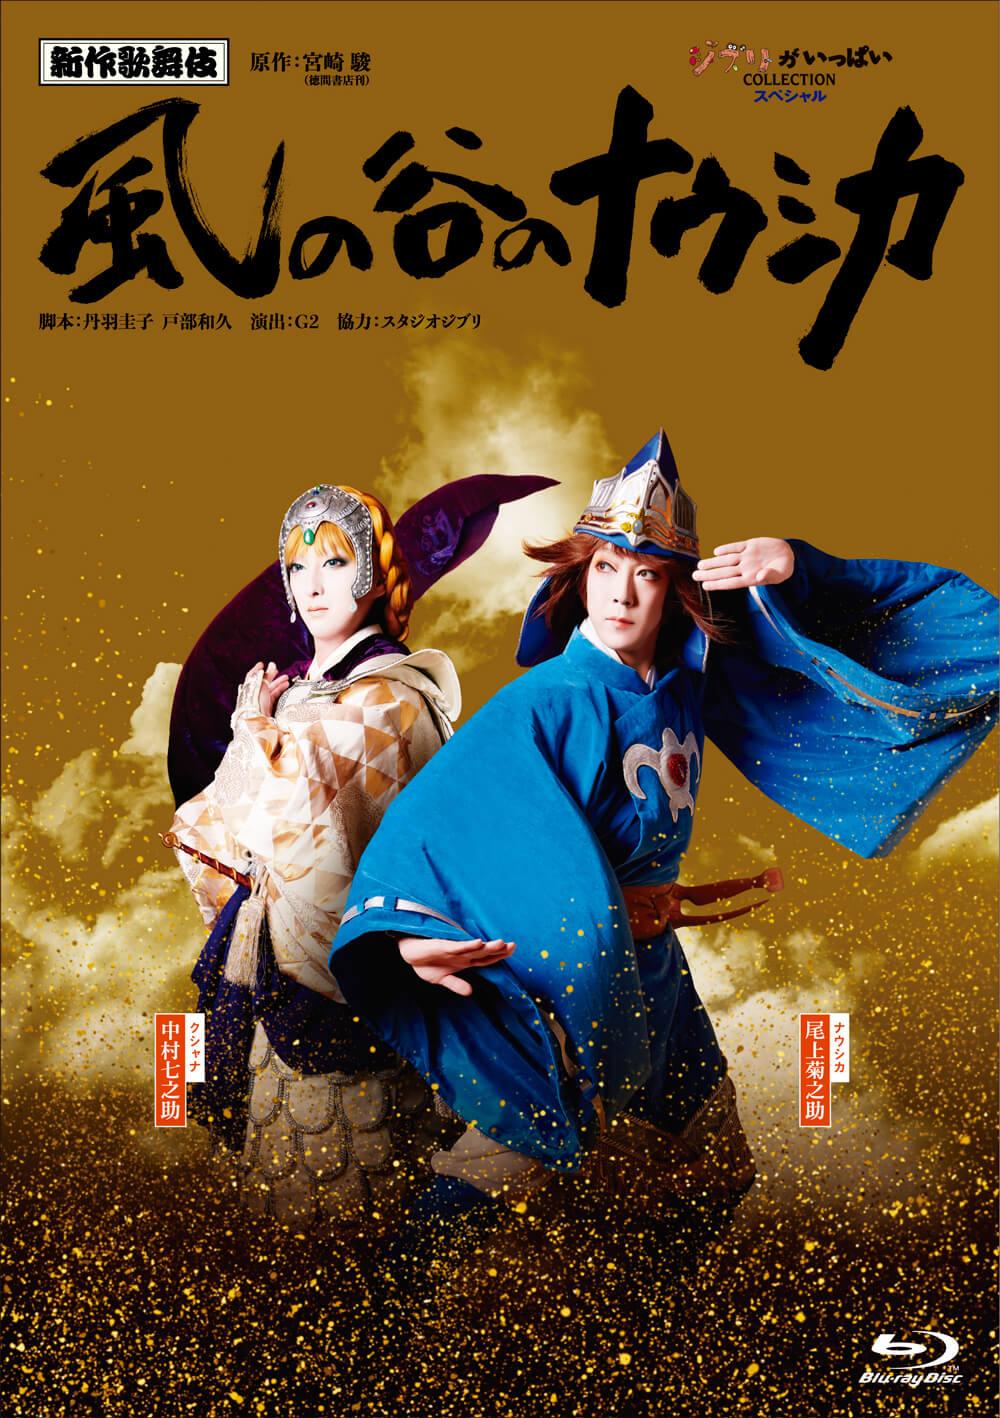 ナウシカ 歌舞 伎 映画 館